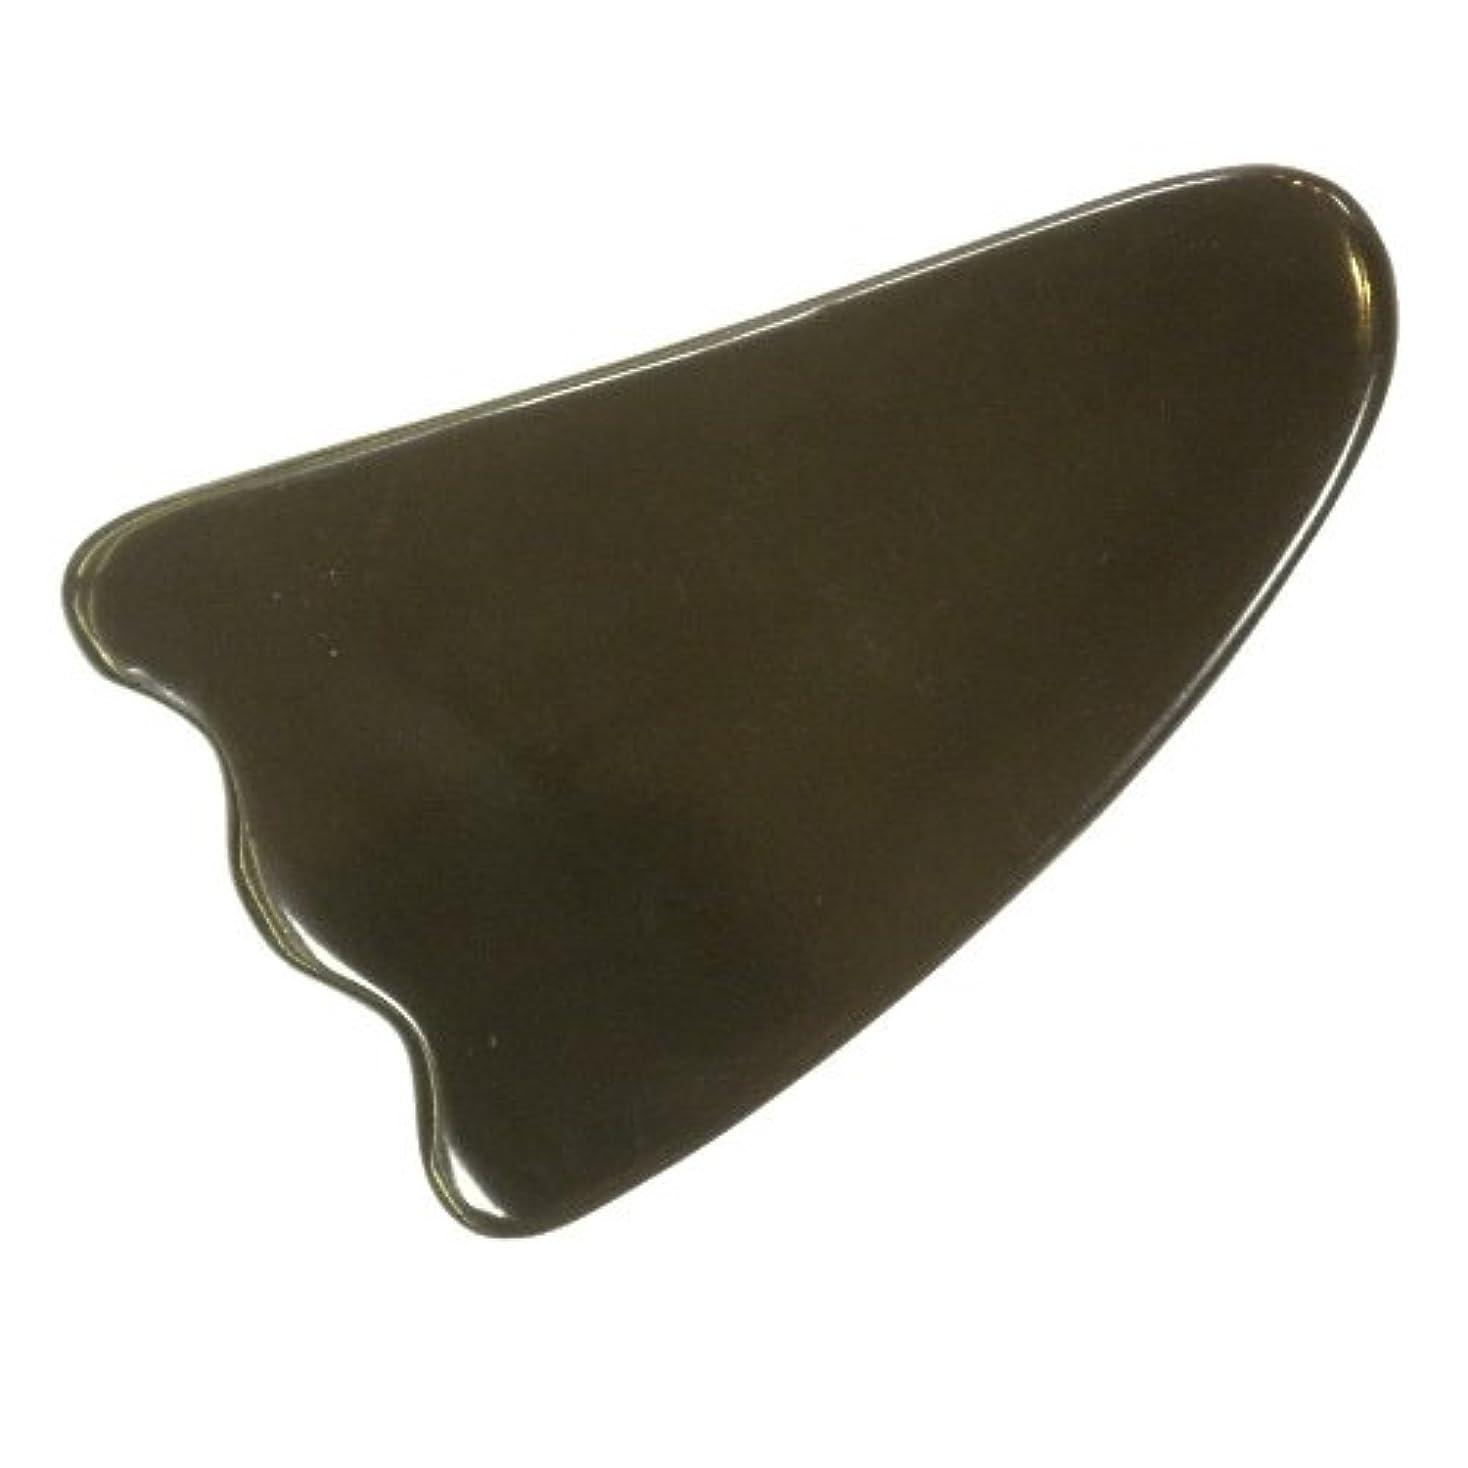 ライブホイットニー無しかっさ プレート 厚さが選べる 水牛の角(黒水牛角) EHE213SP 羽根型 特級品 厚め(7ミリ程度)